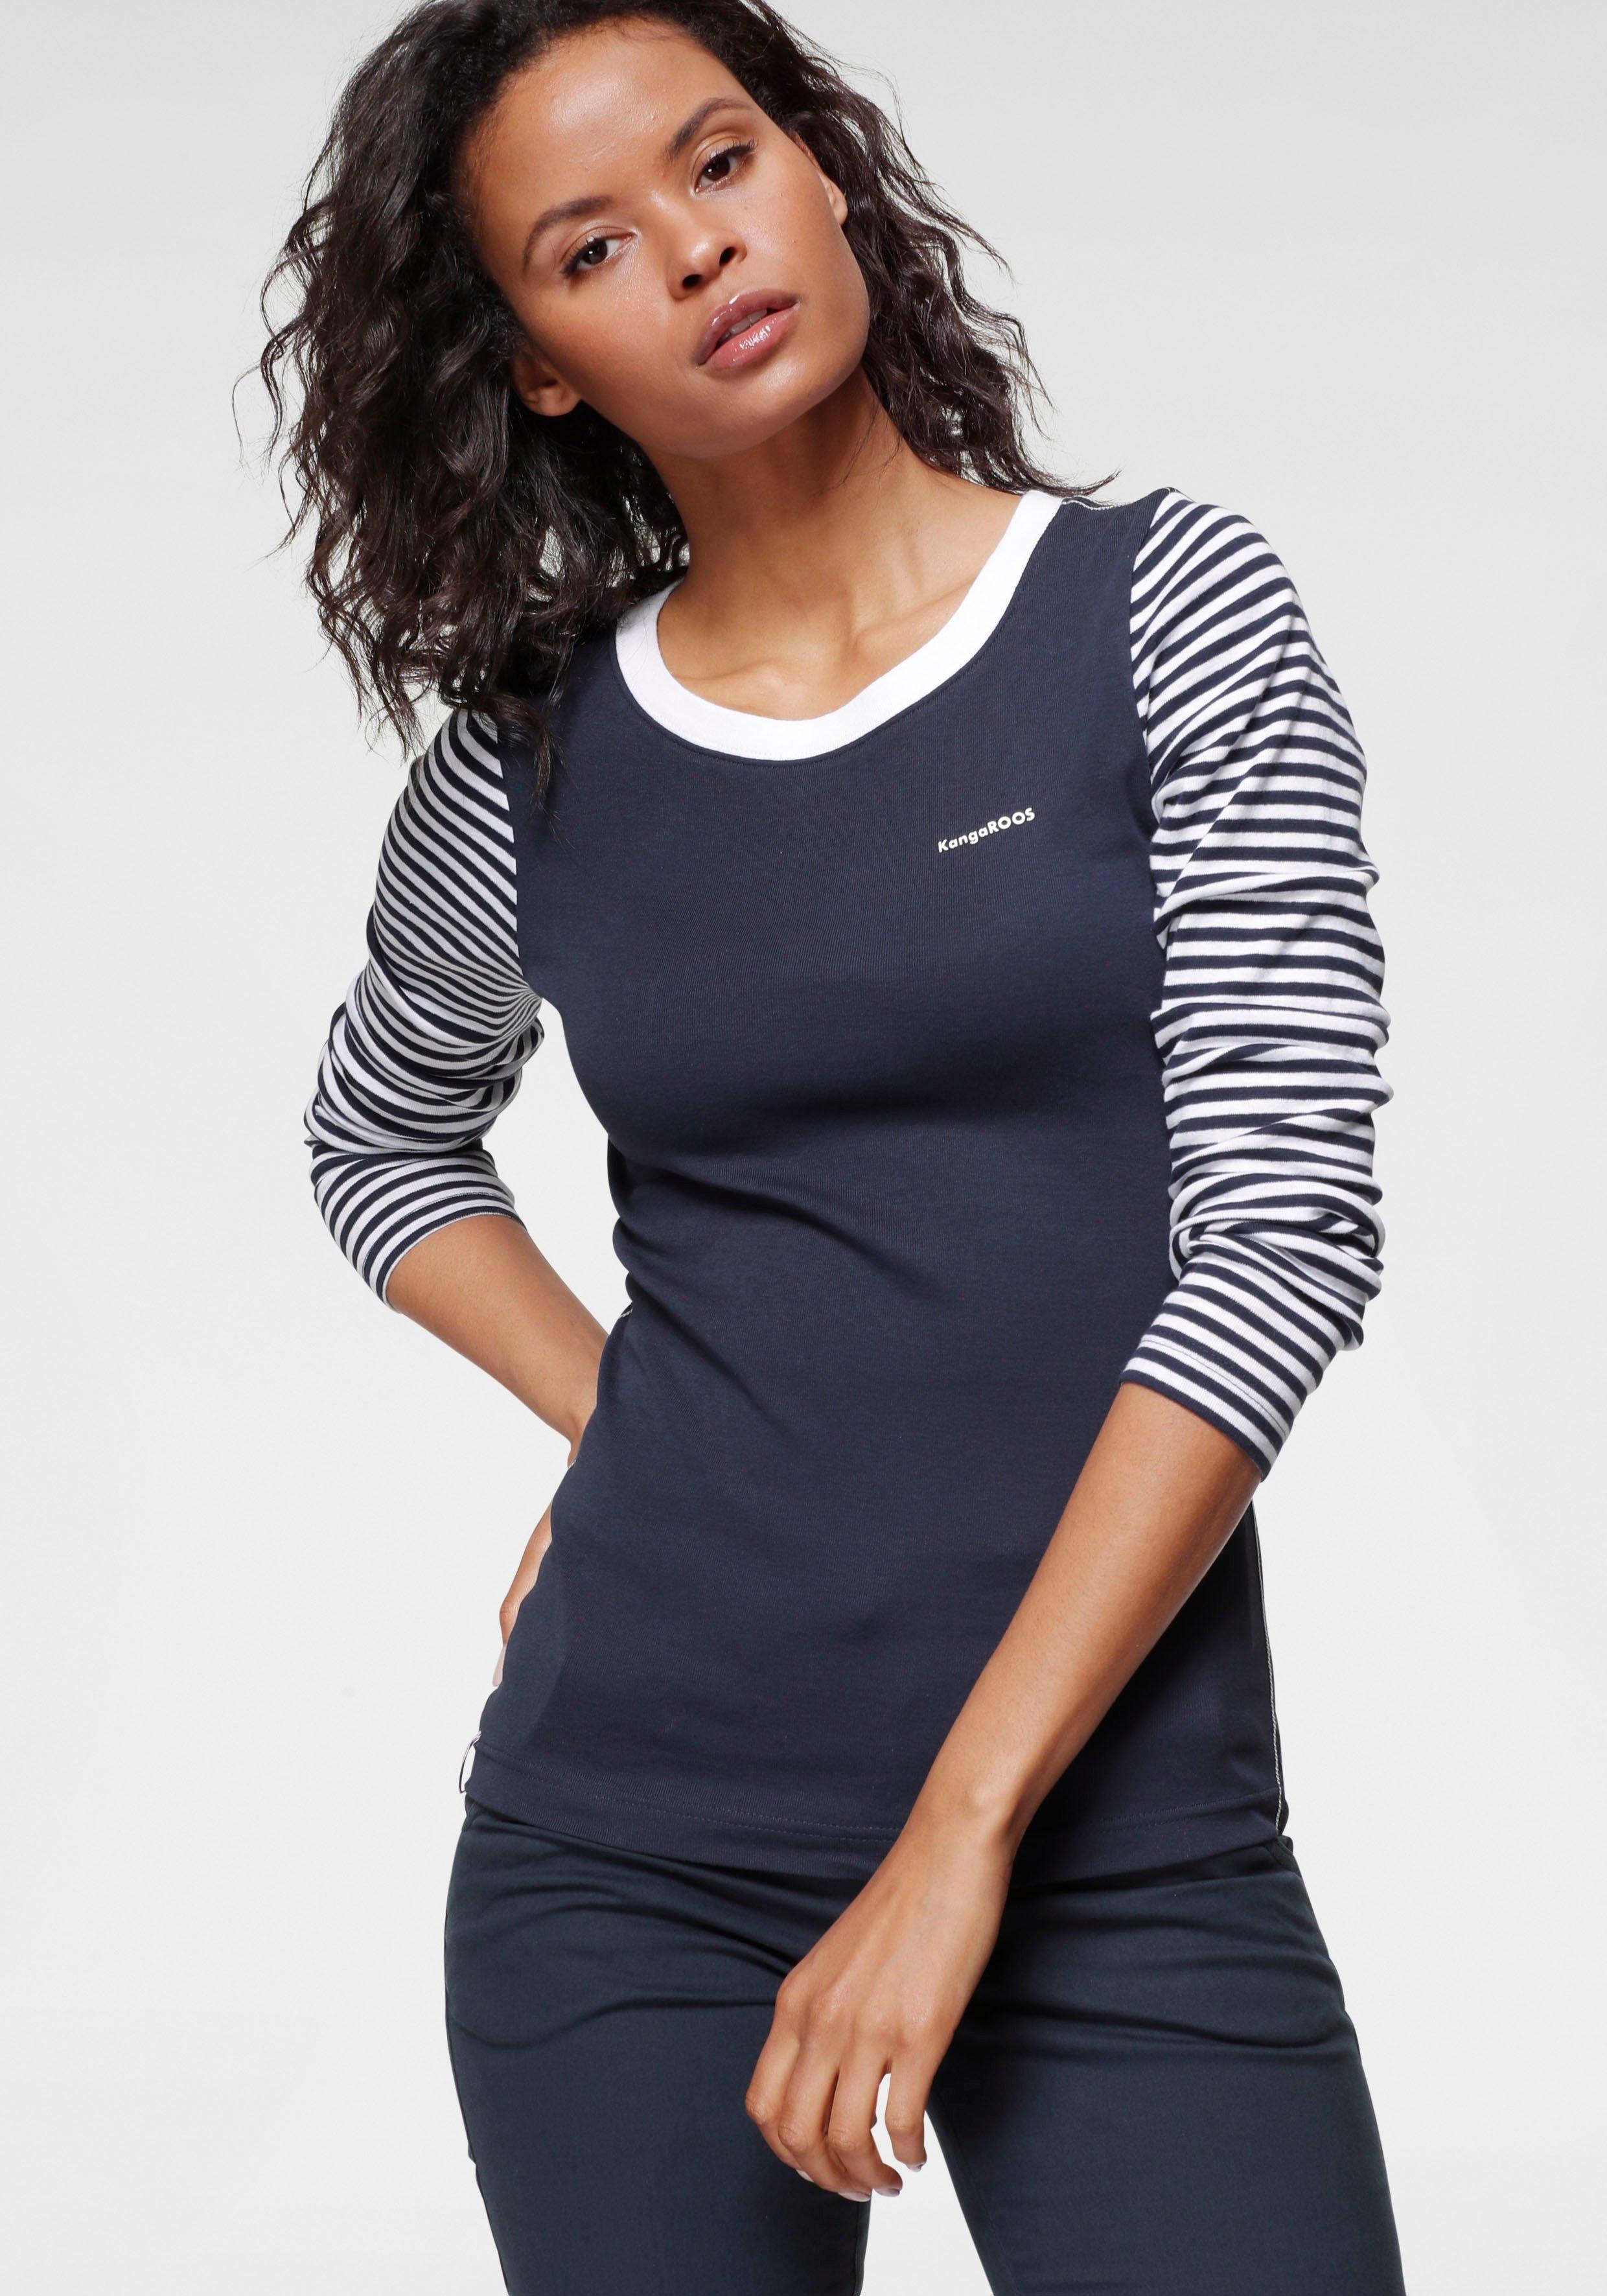 KangaROOS shirt met lange mouwen in modieuze uni-strepenmix - gratis ruilen op otto.nl